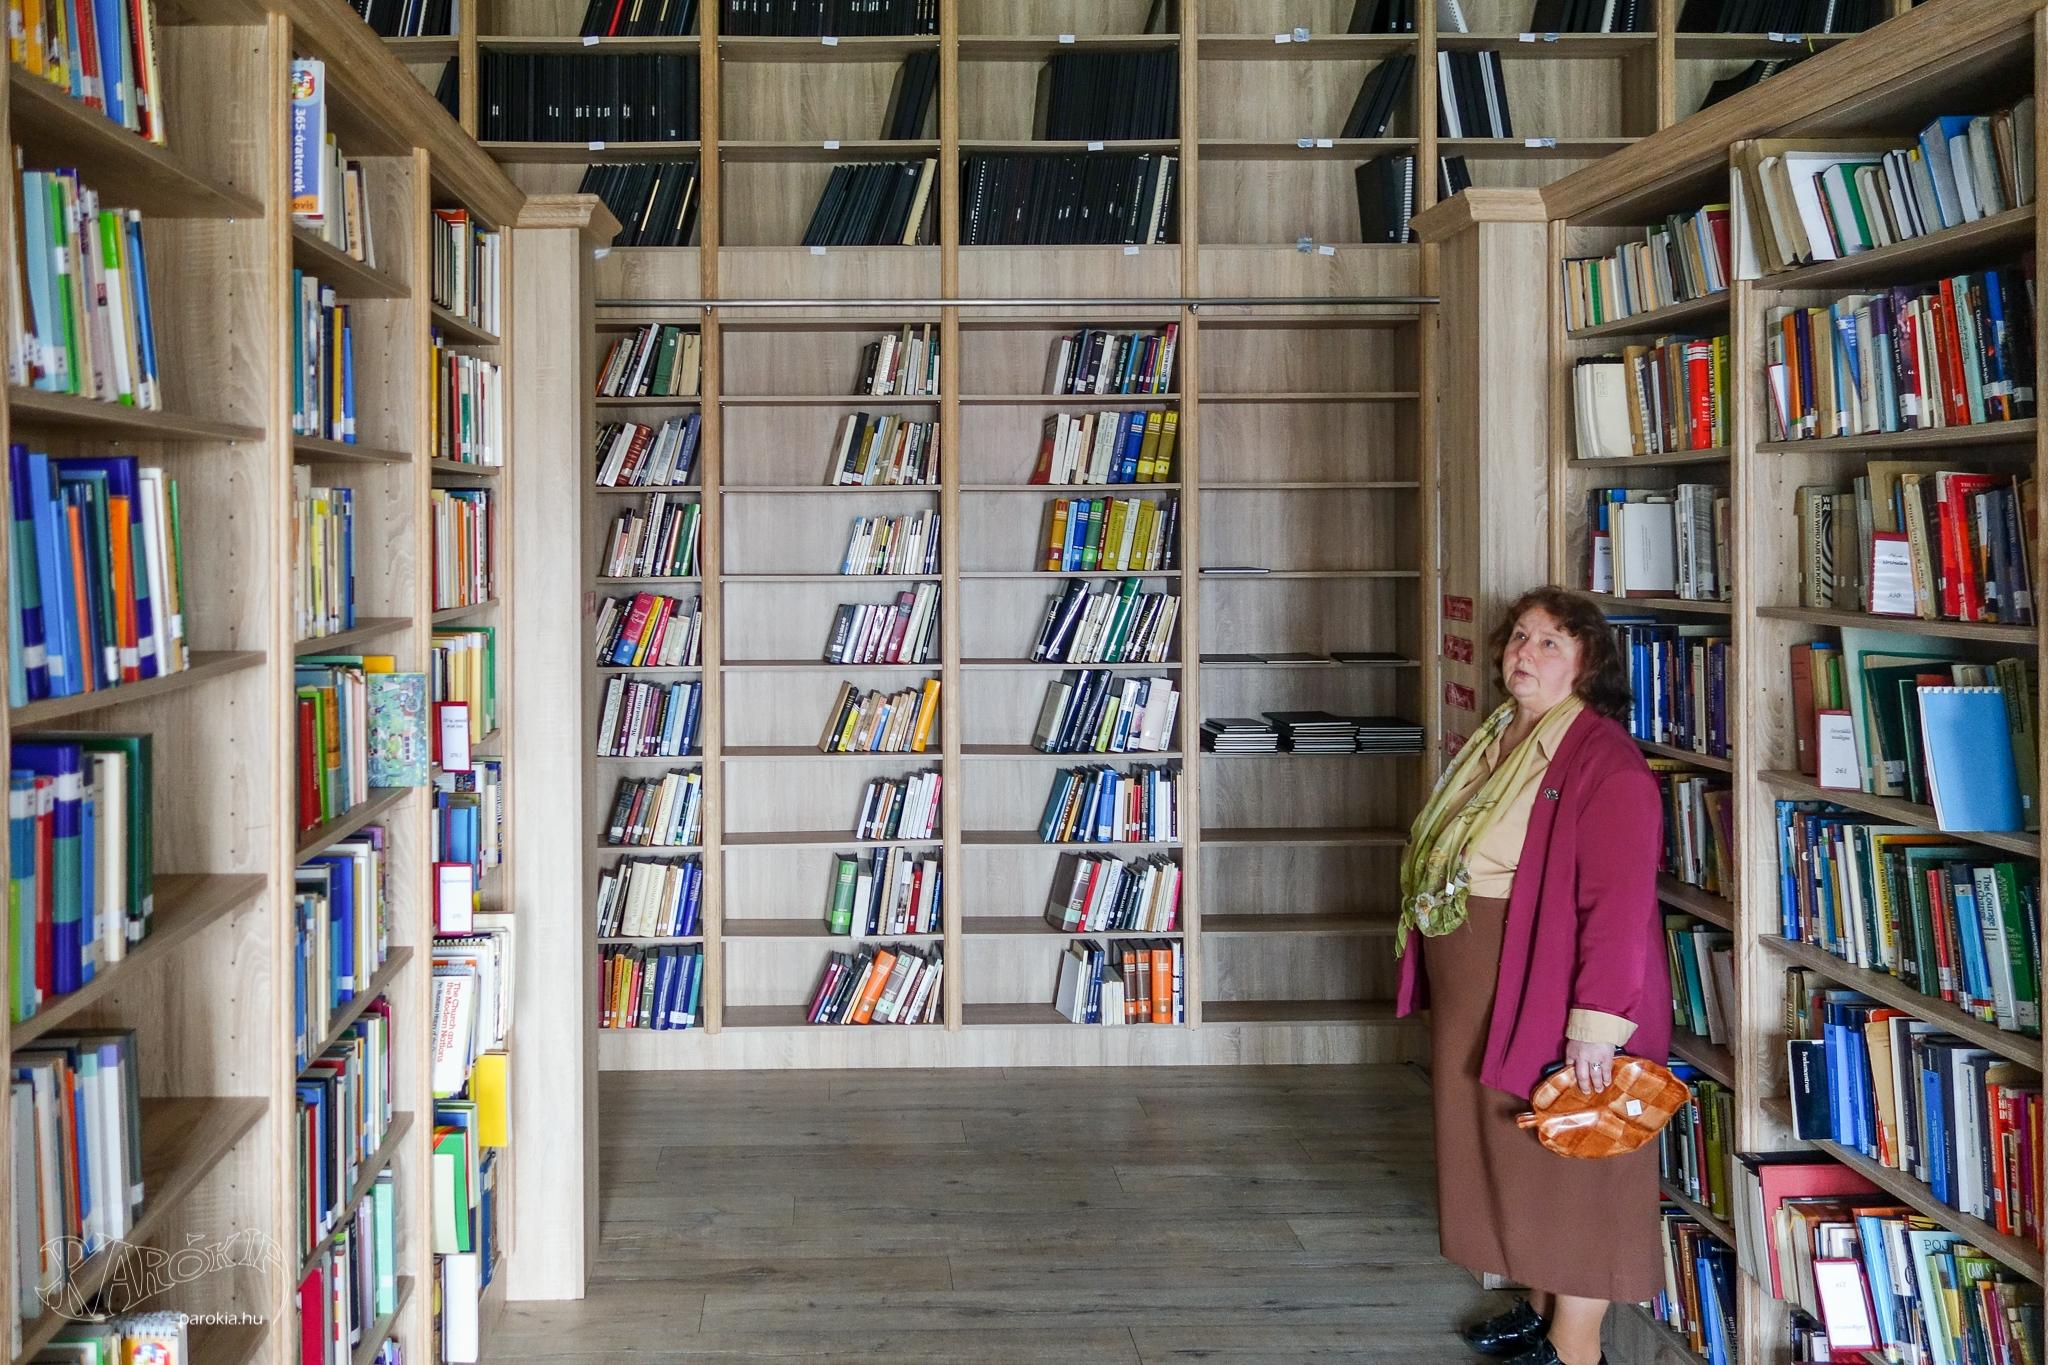 E-könyv Digitális könyvtár tankönyv, pénzt kereshet online, Szerző, könyv png